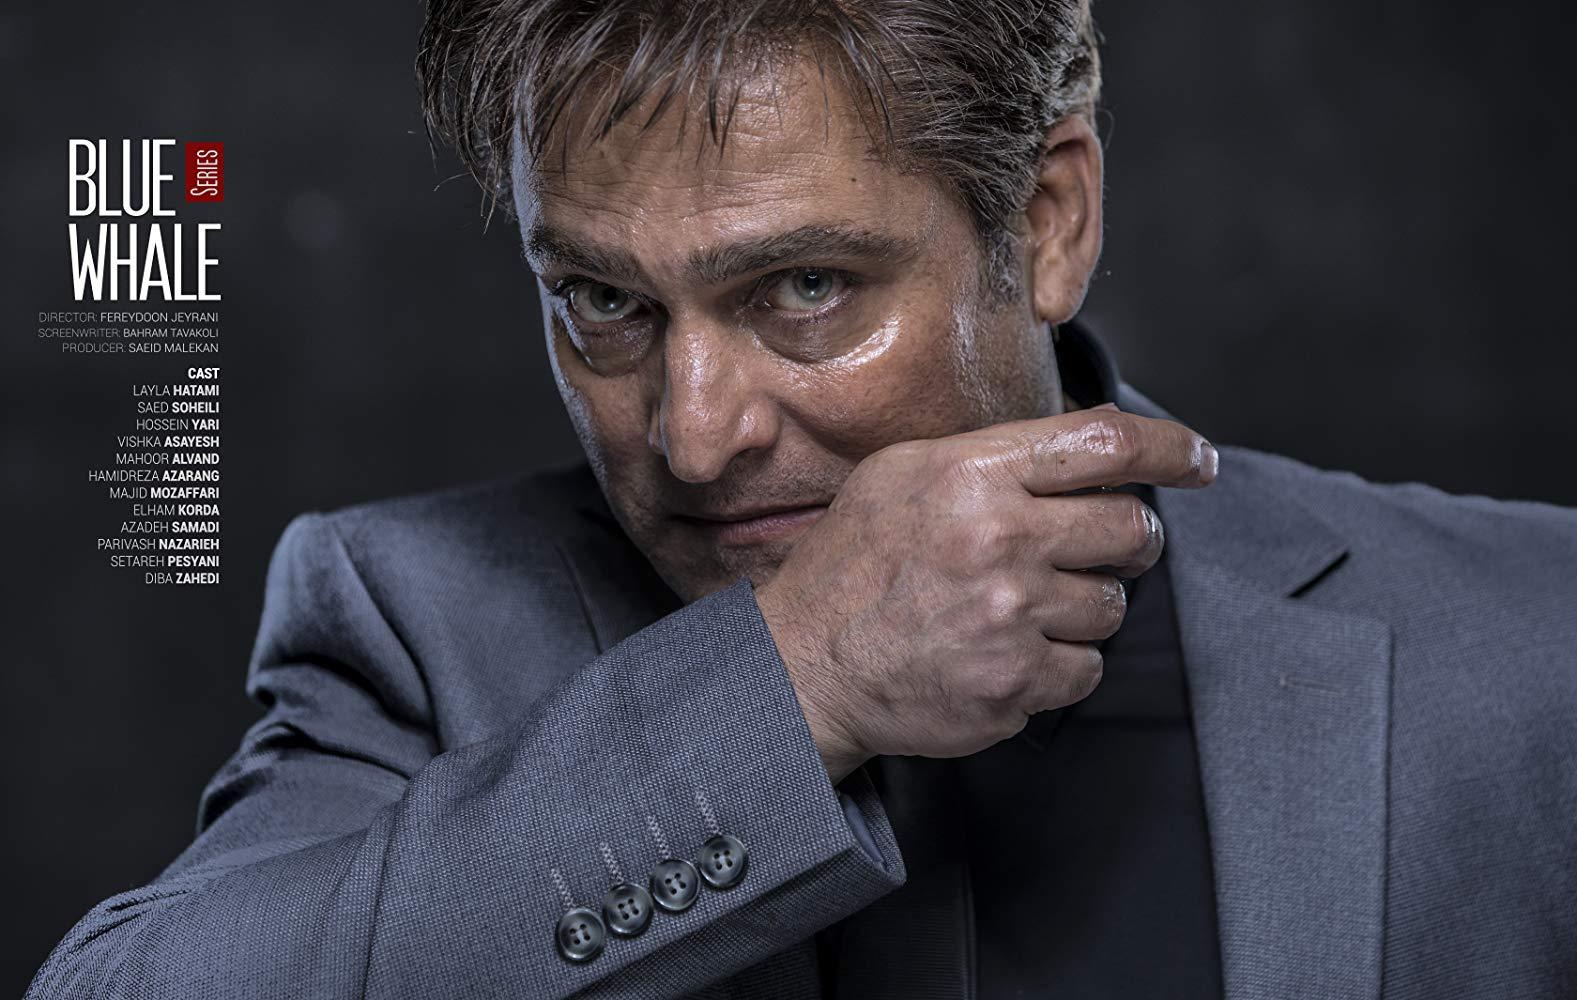 هنرنمایی حسین یاری در سریال نهنگ آبی